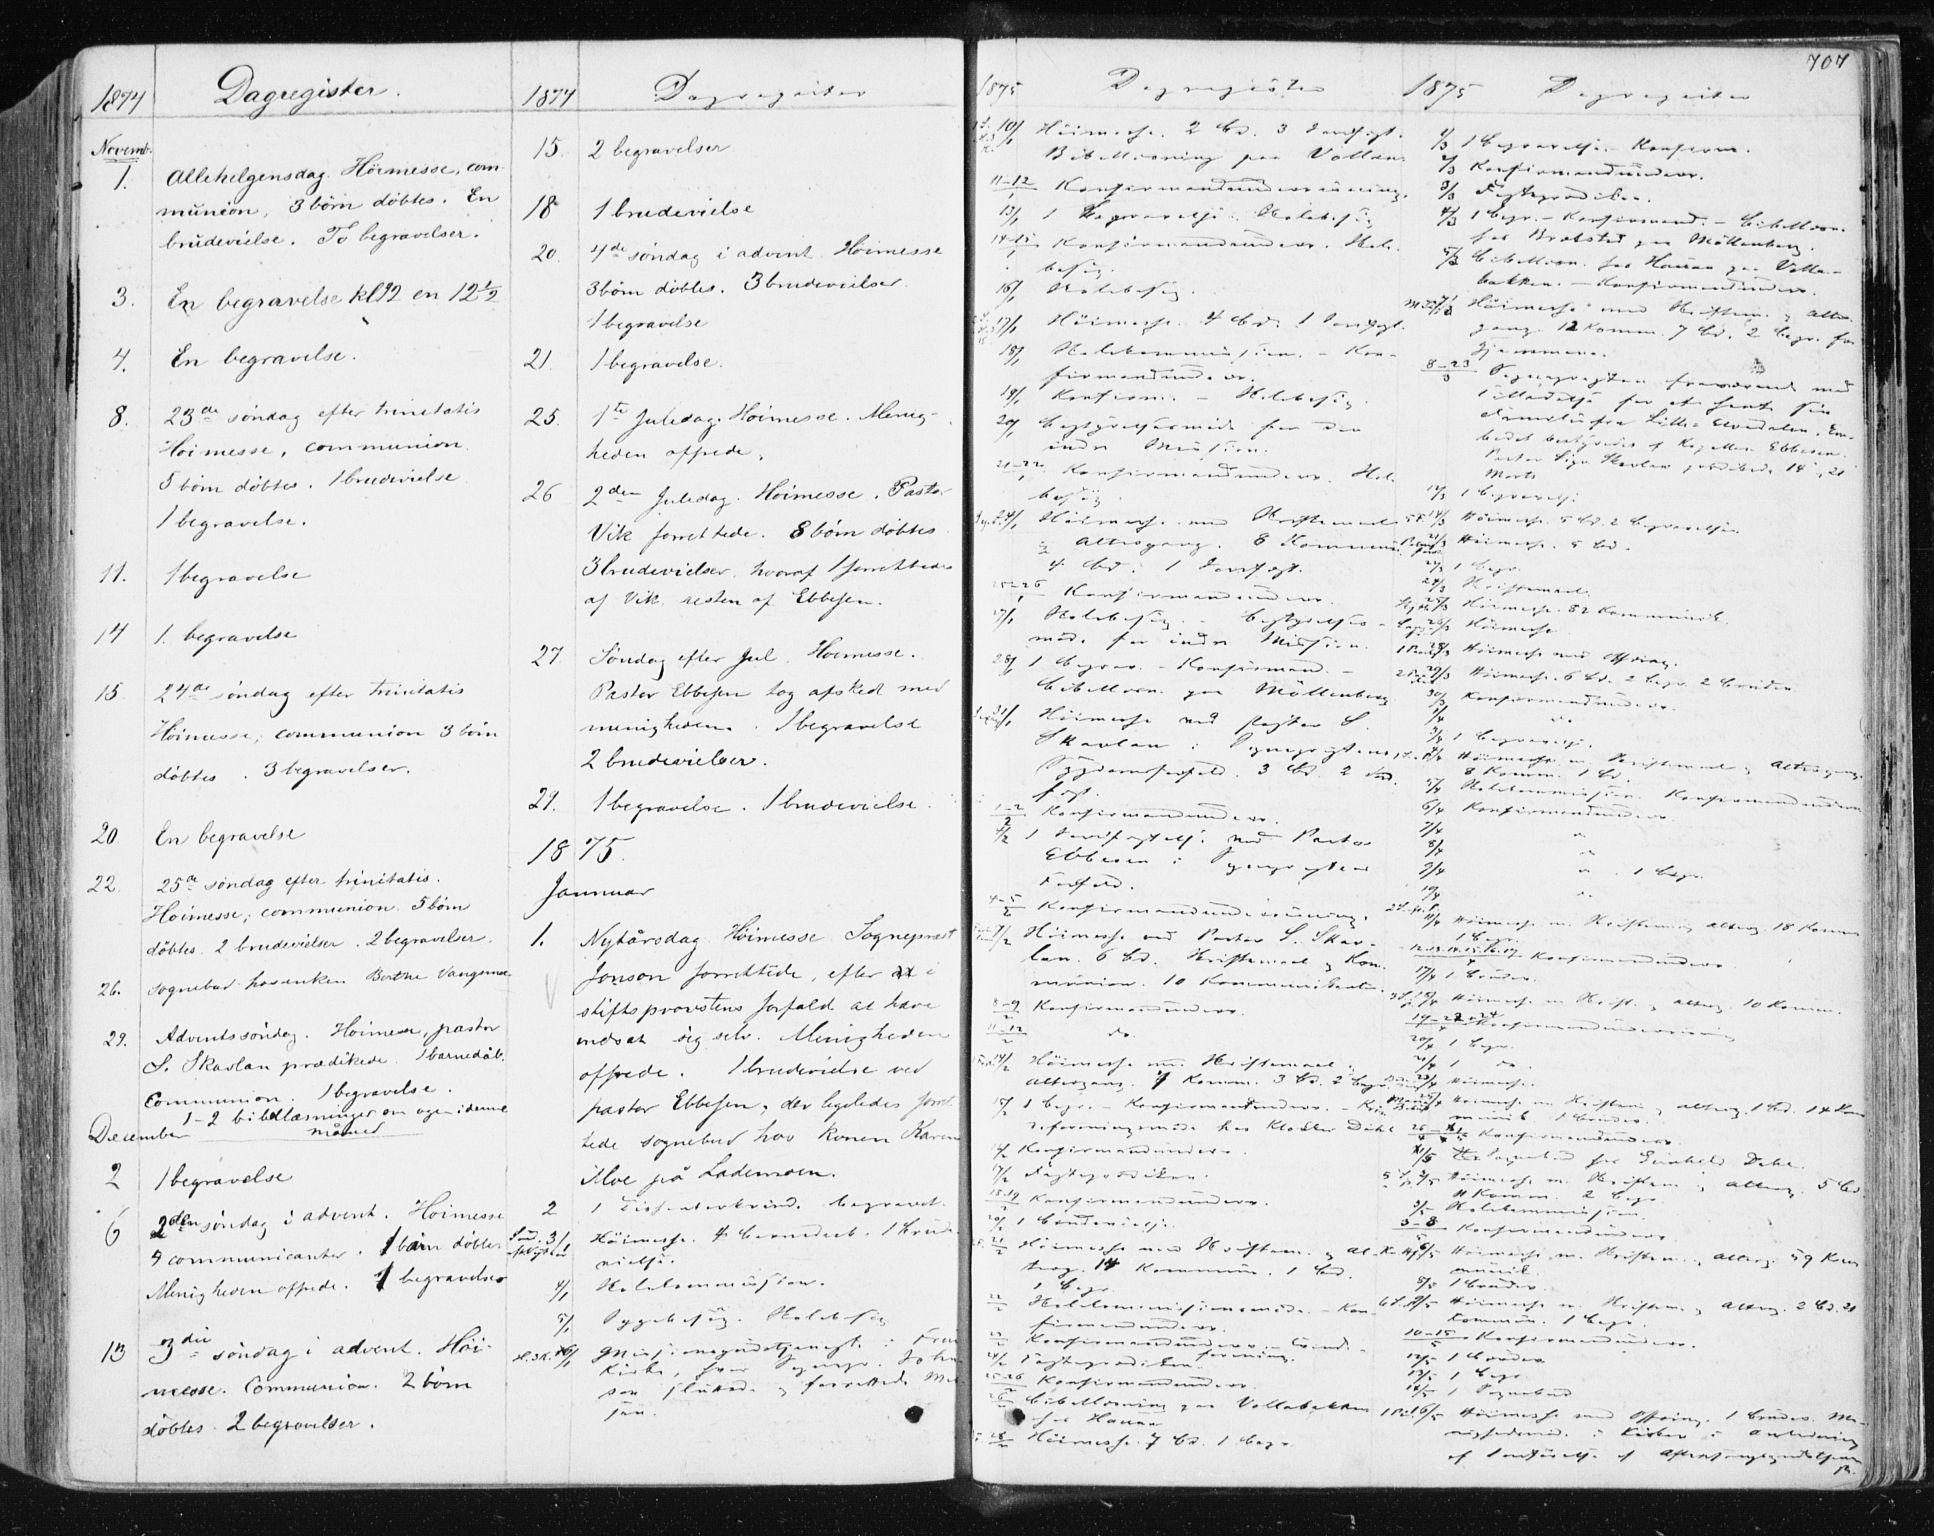 SAT, Ministerialprotokoller, klokkerbøker og fødselsregistre - Sør-Trøndelag, 604/L0186: Ministerialbok nr. 604A07, 1866-1877, s. 707